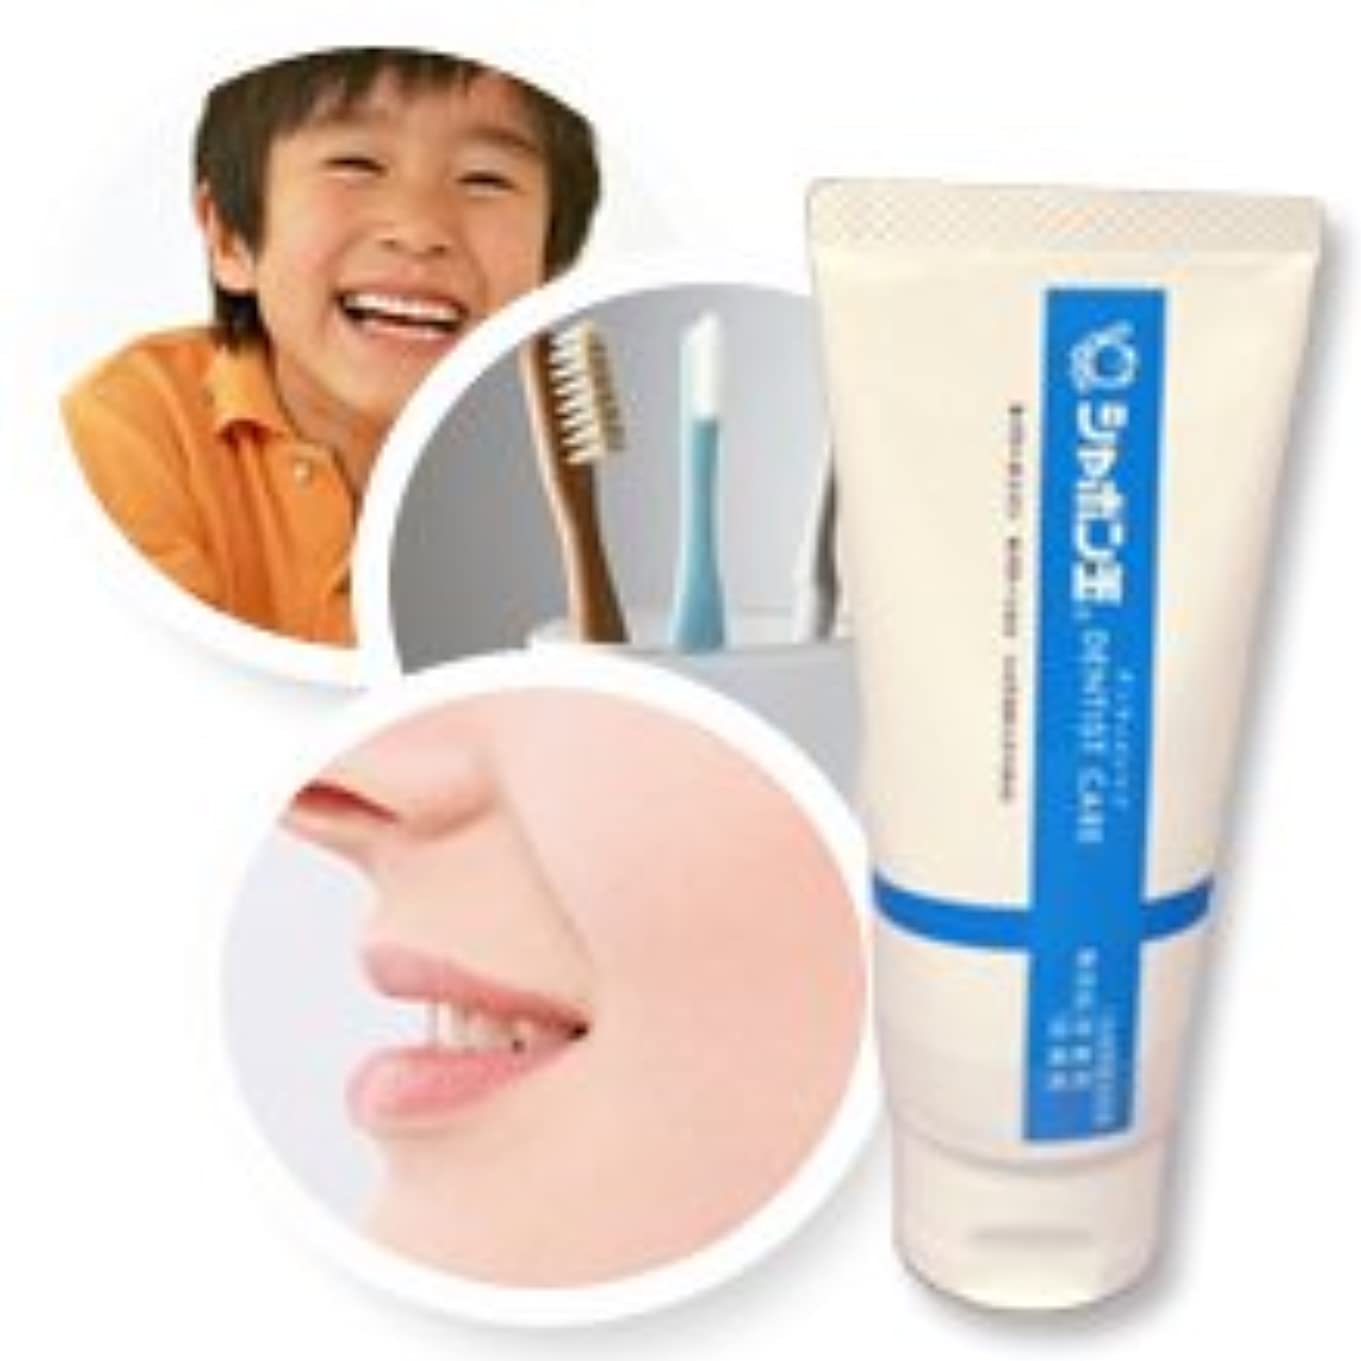 発生器助言専門知識歯科医が開発した歯周病や口臭?虫歯が気になる方へ【歯磨き粉】【シャボン玉デンティストケア】